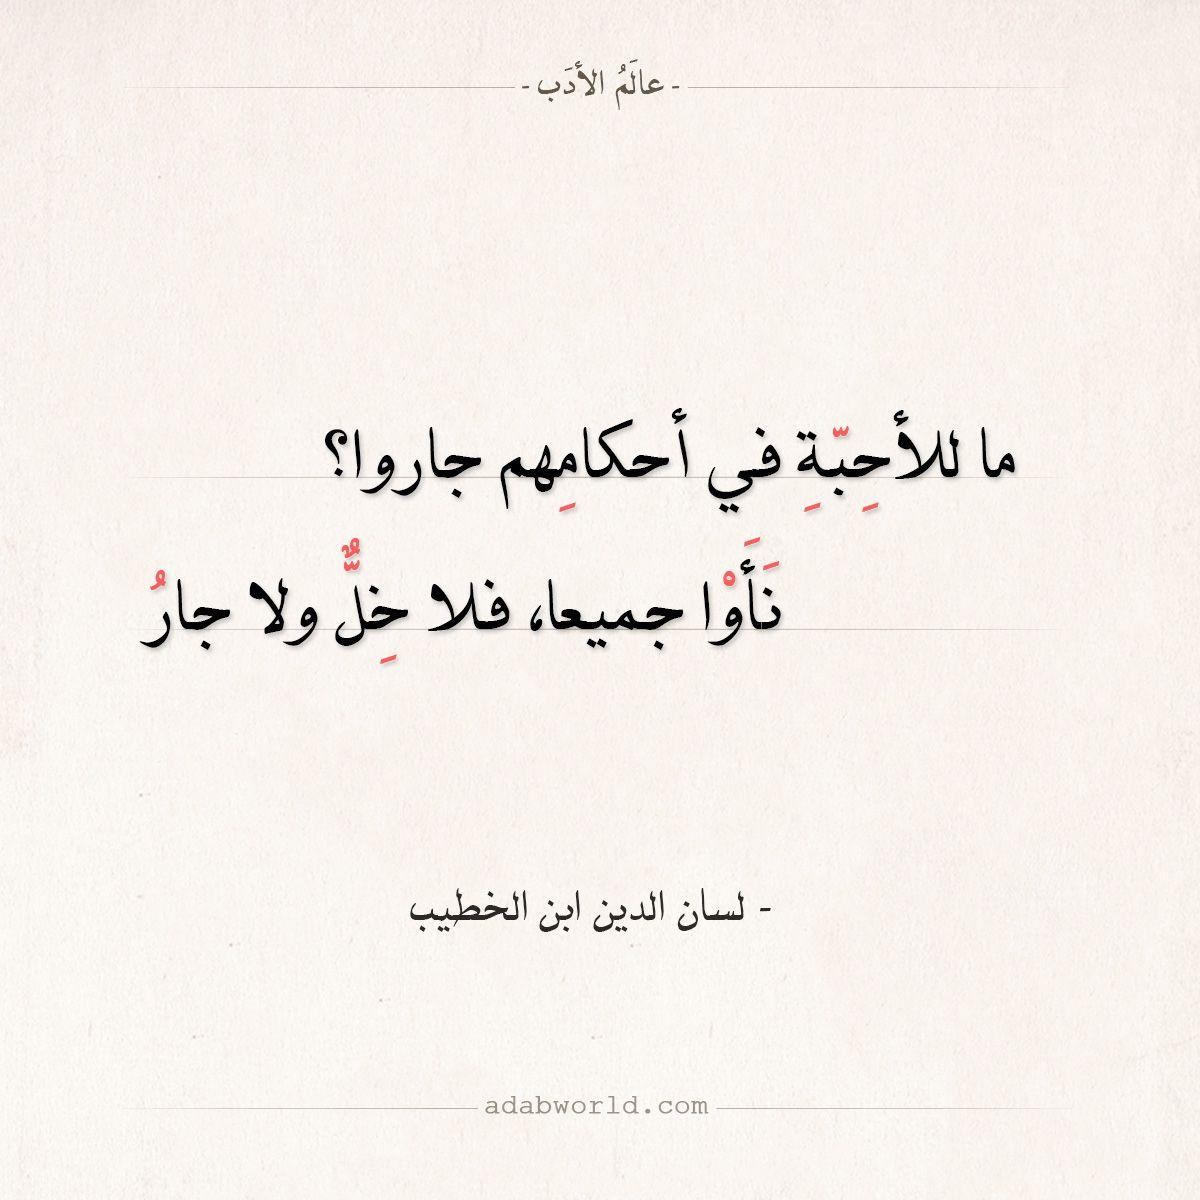 شعر لسان الدين ابن الخطيب ما للأحبة في أحكامهم جاروا عالم الأدب Quotes Arabic Quotes Wisdom